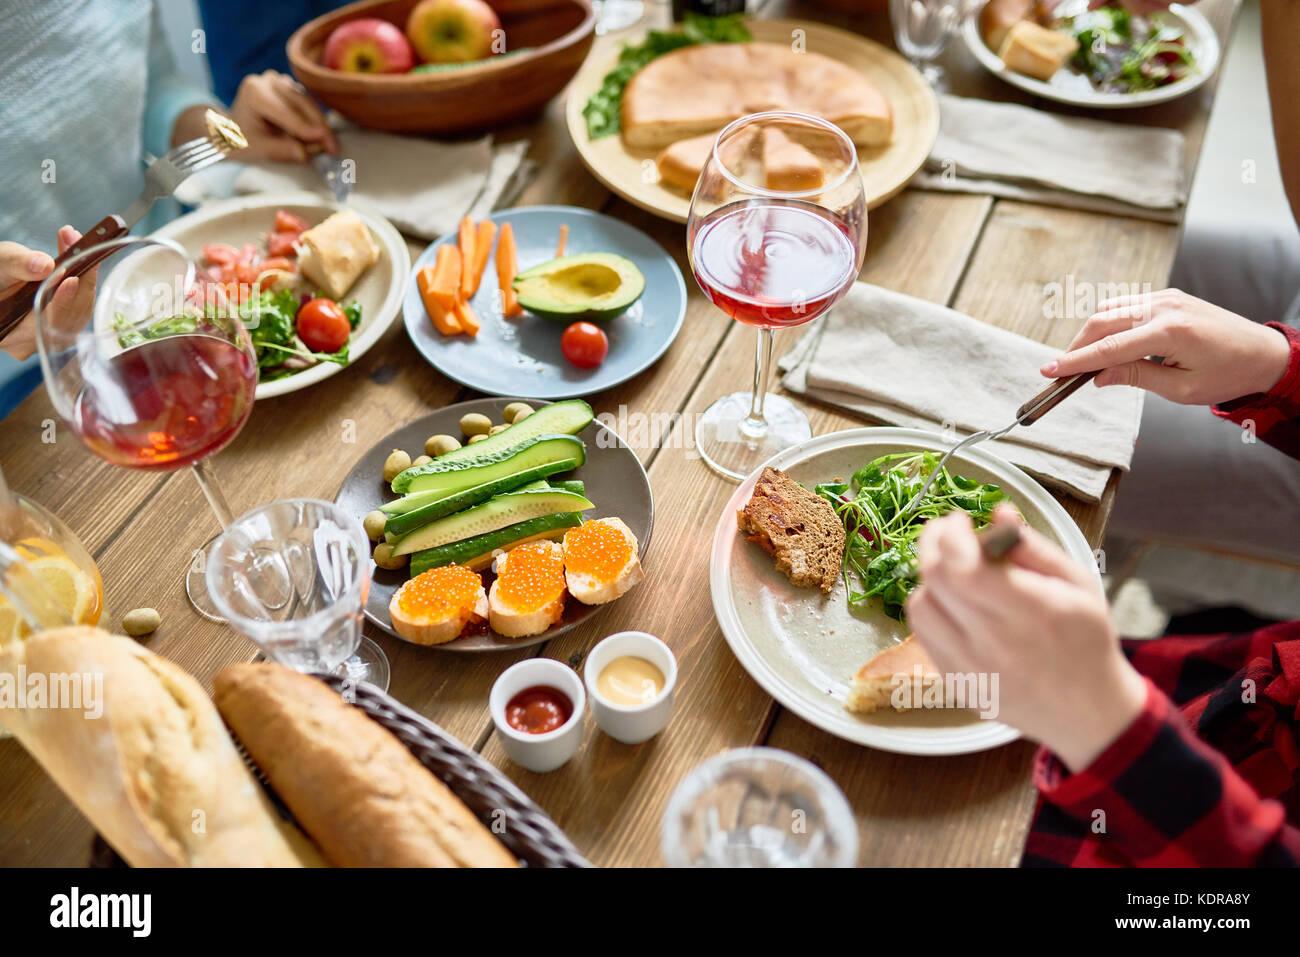 La gente disfruta de una deliciosa cena Imagen De Stock